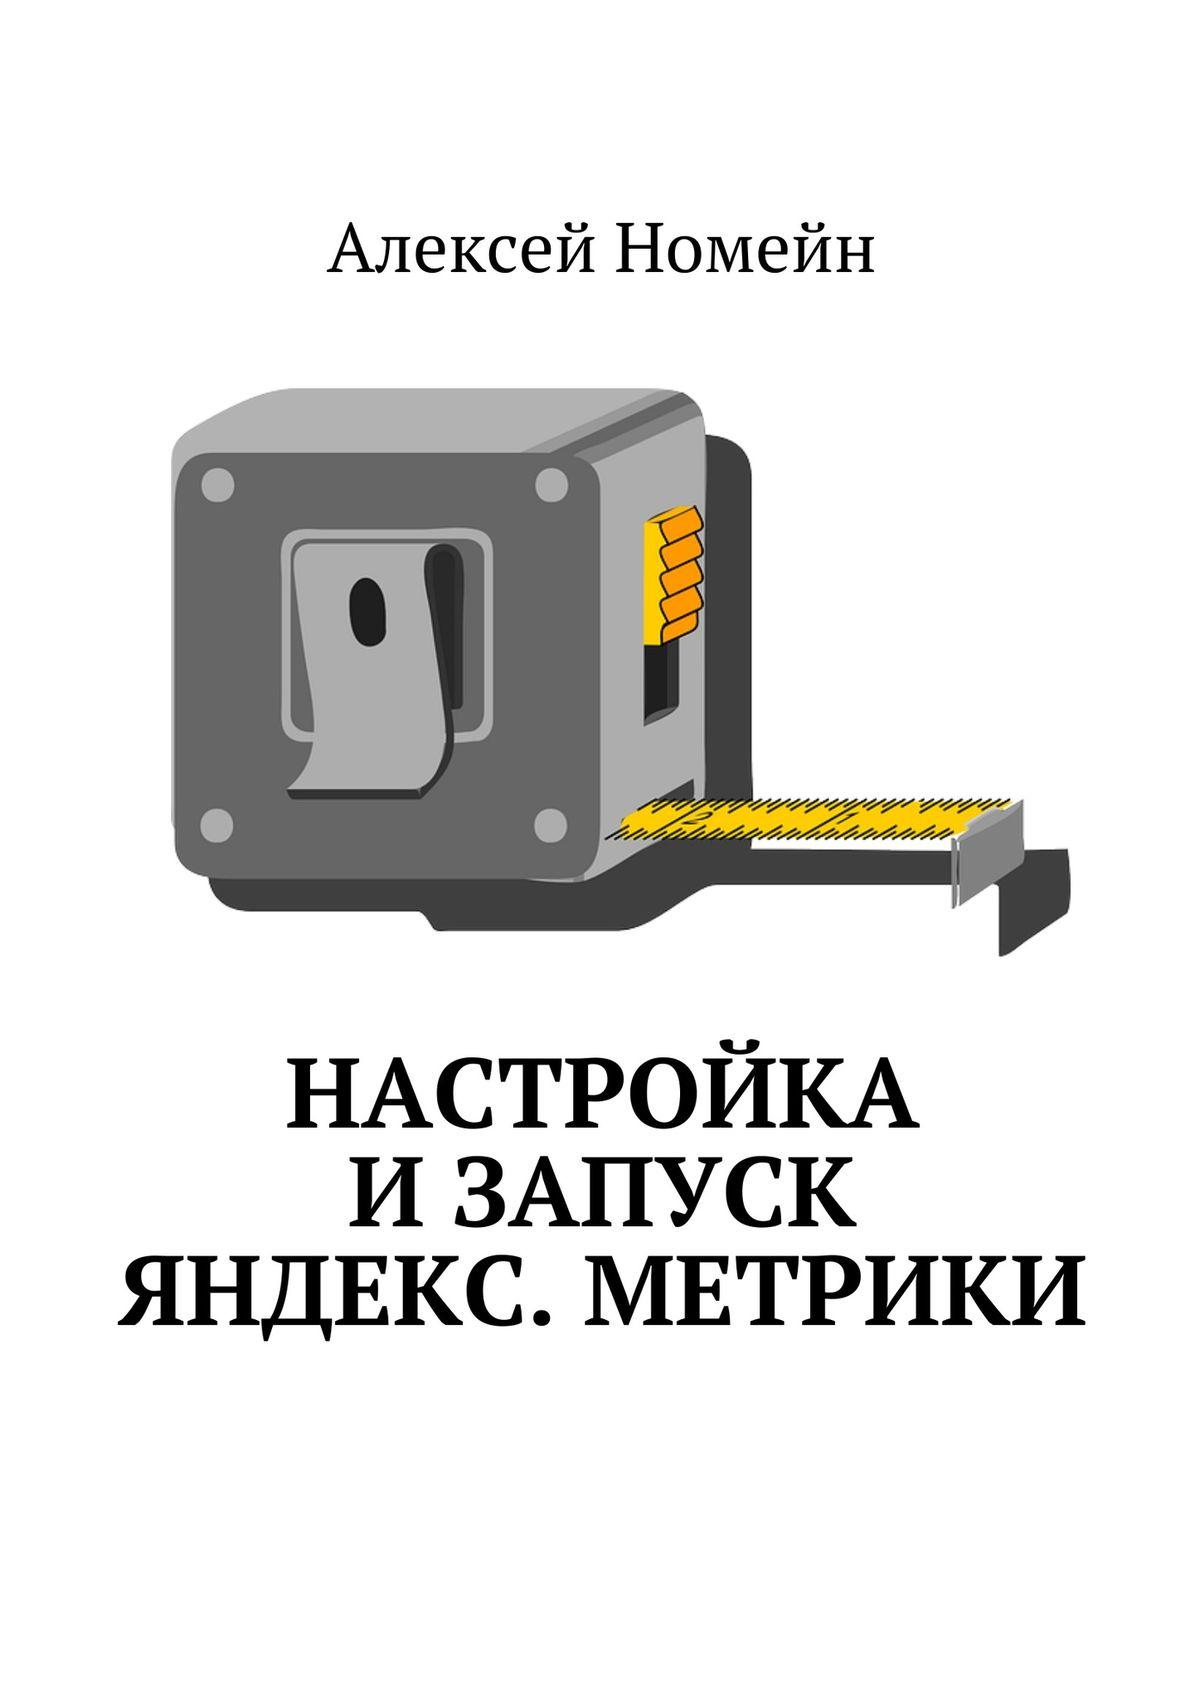 Алексей Номейн Настройка изапуск Яндекс.Метрики